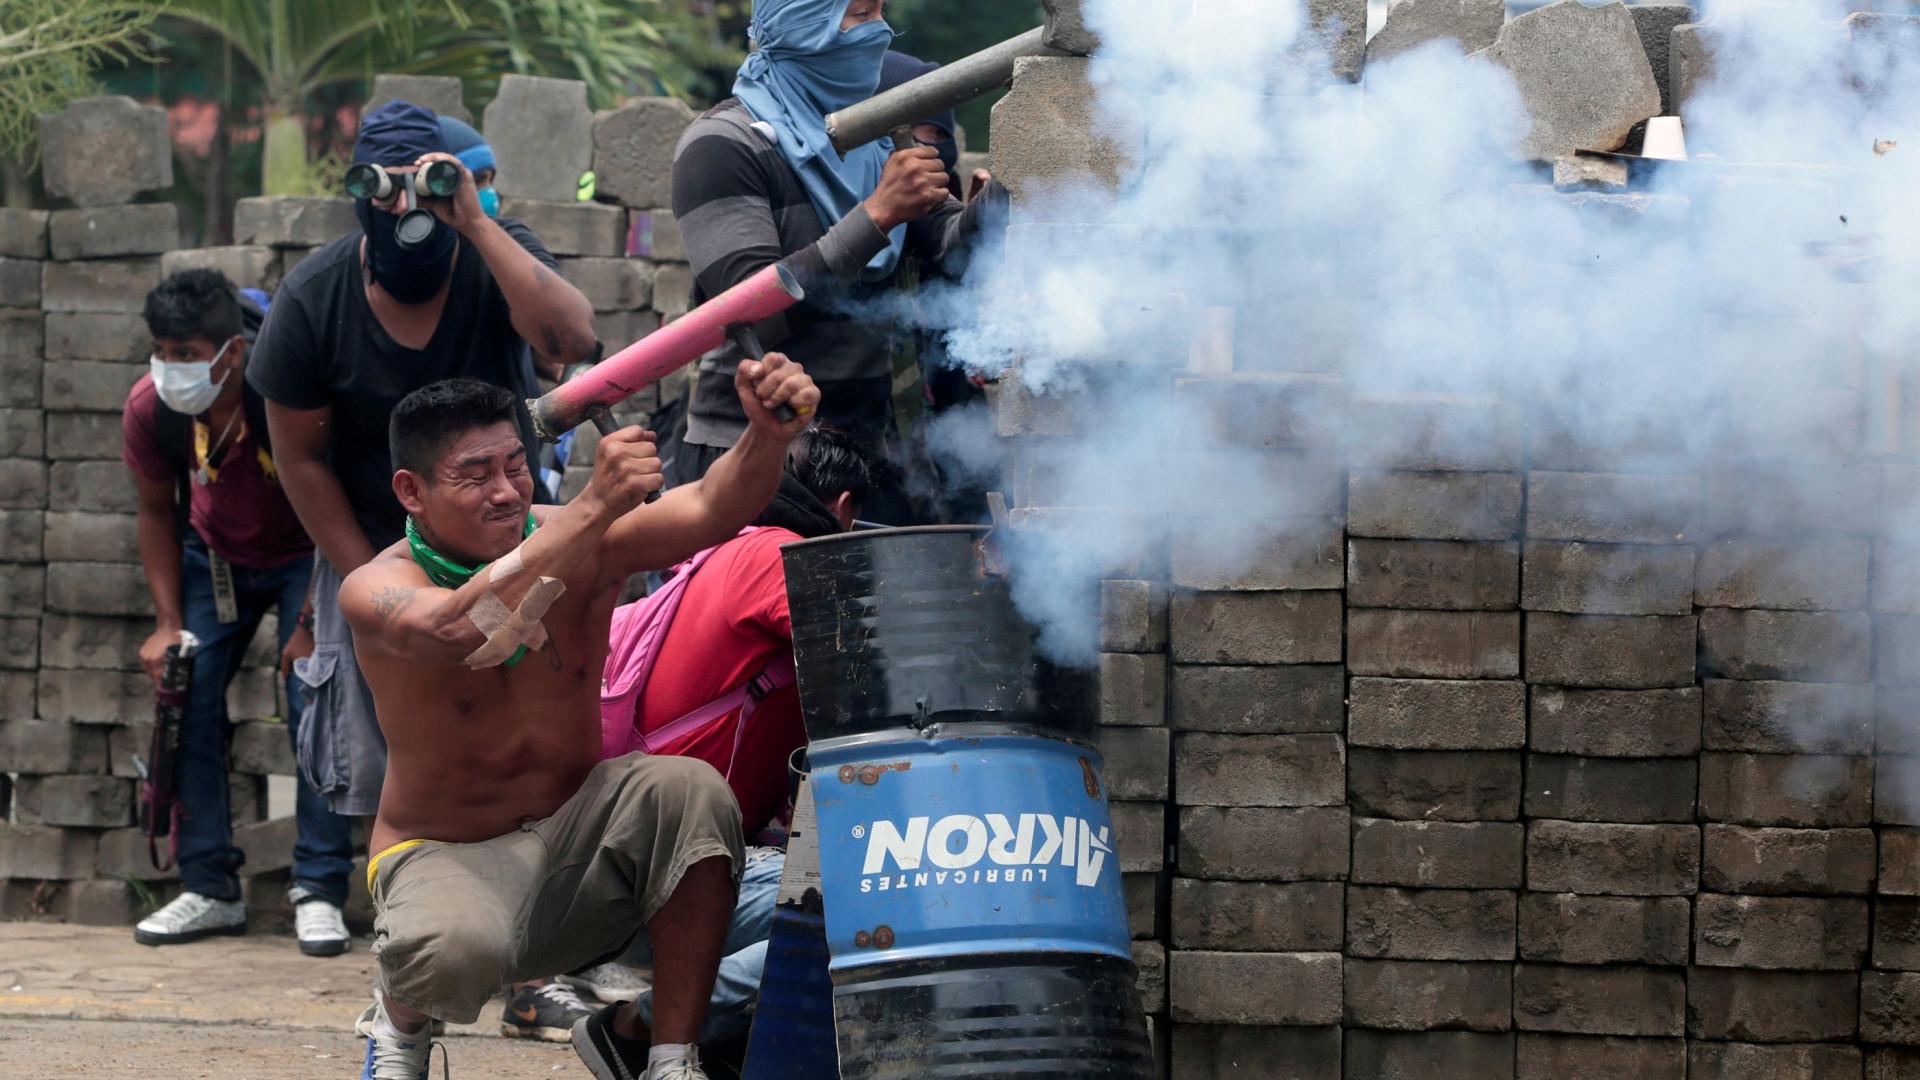 EUA culpam presidente da Nicarágua por onda de violência no país